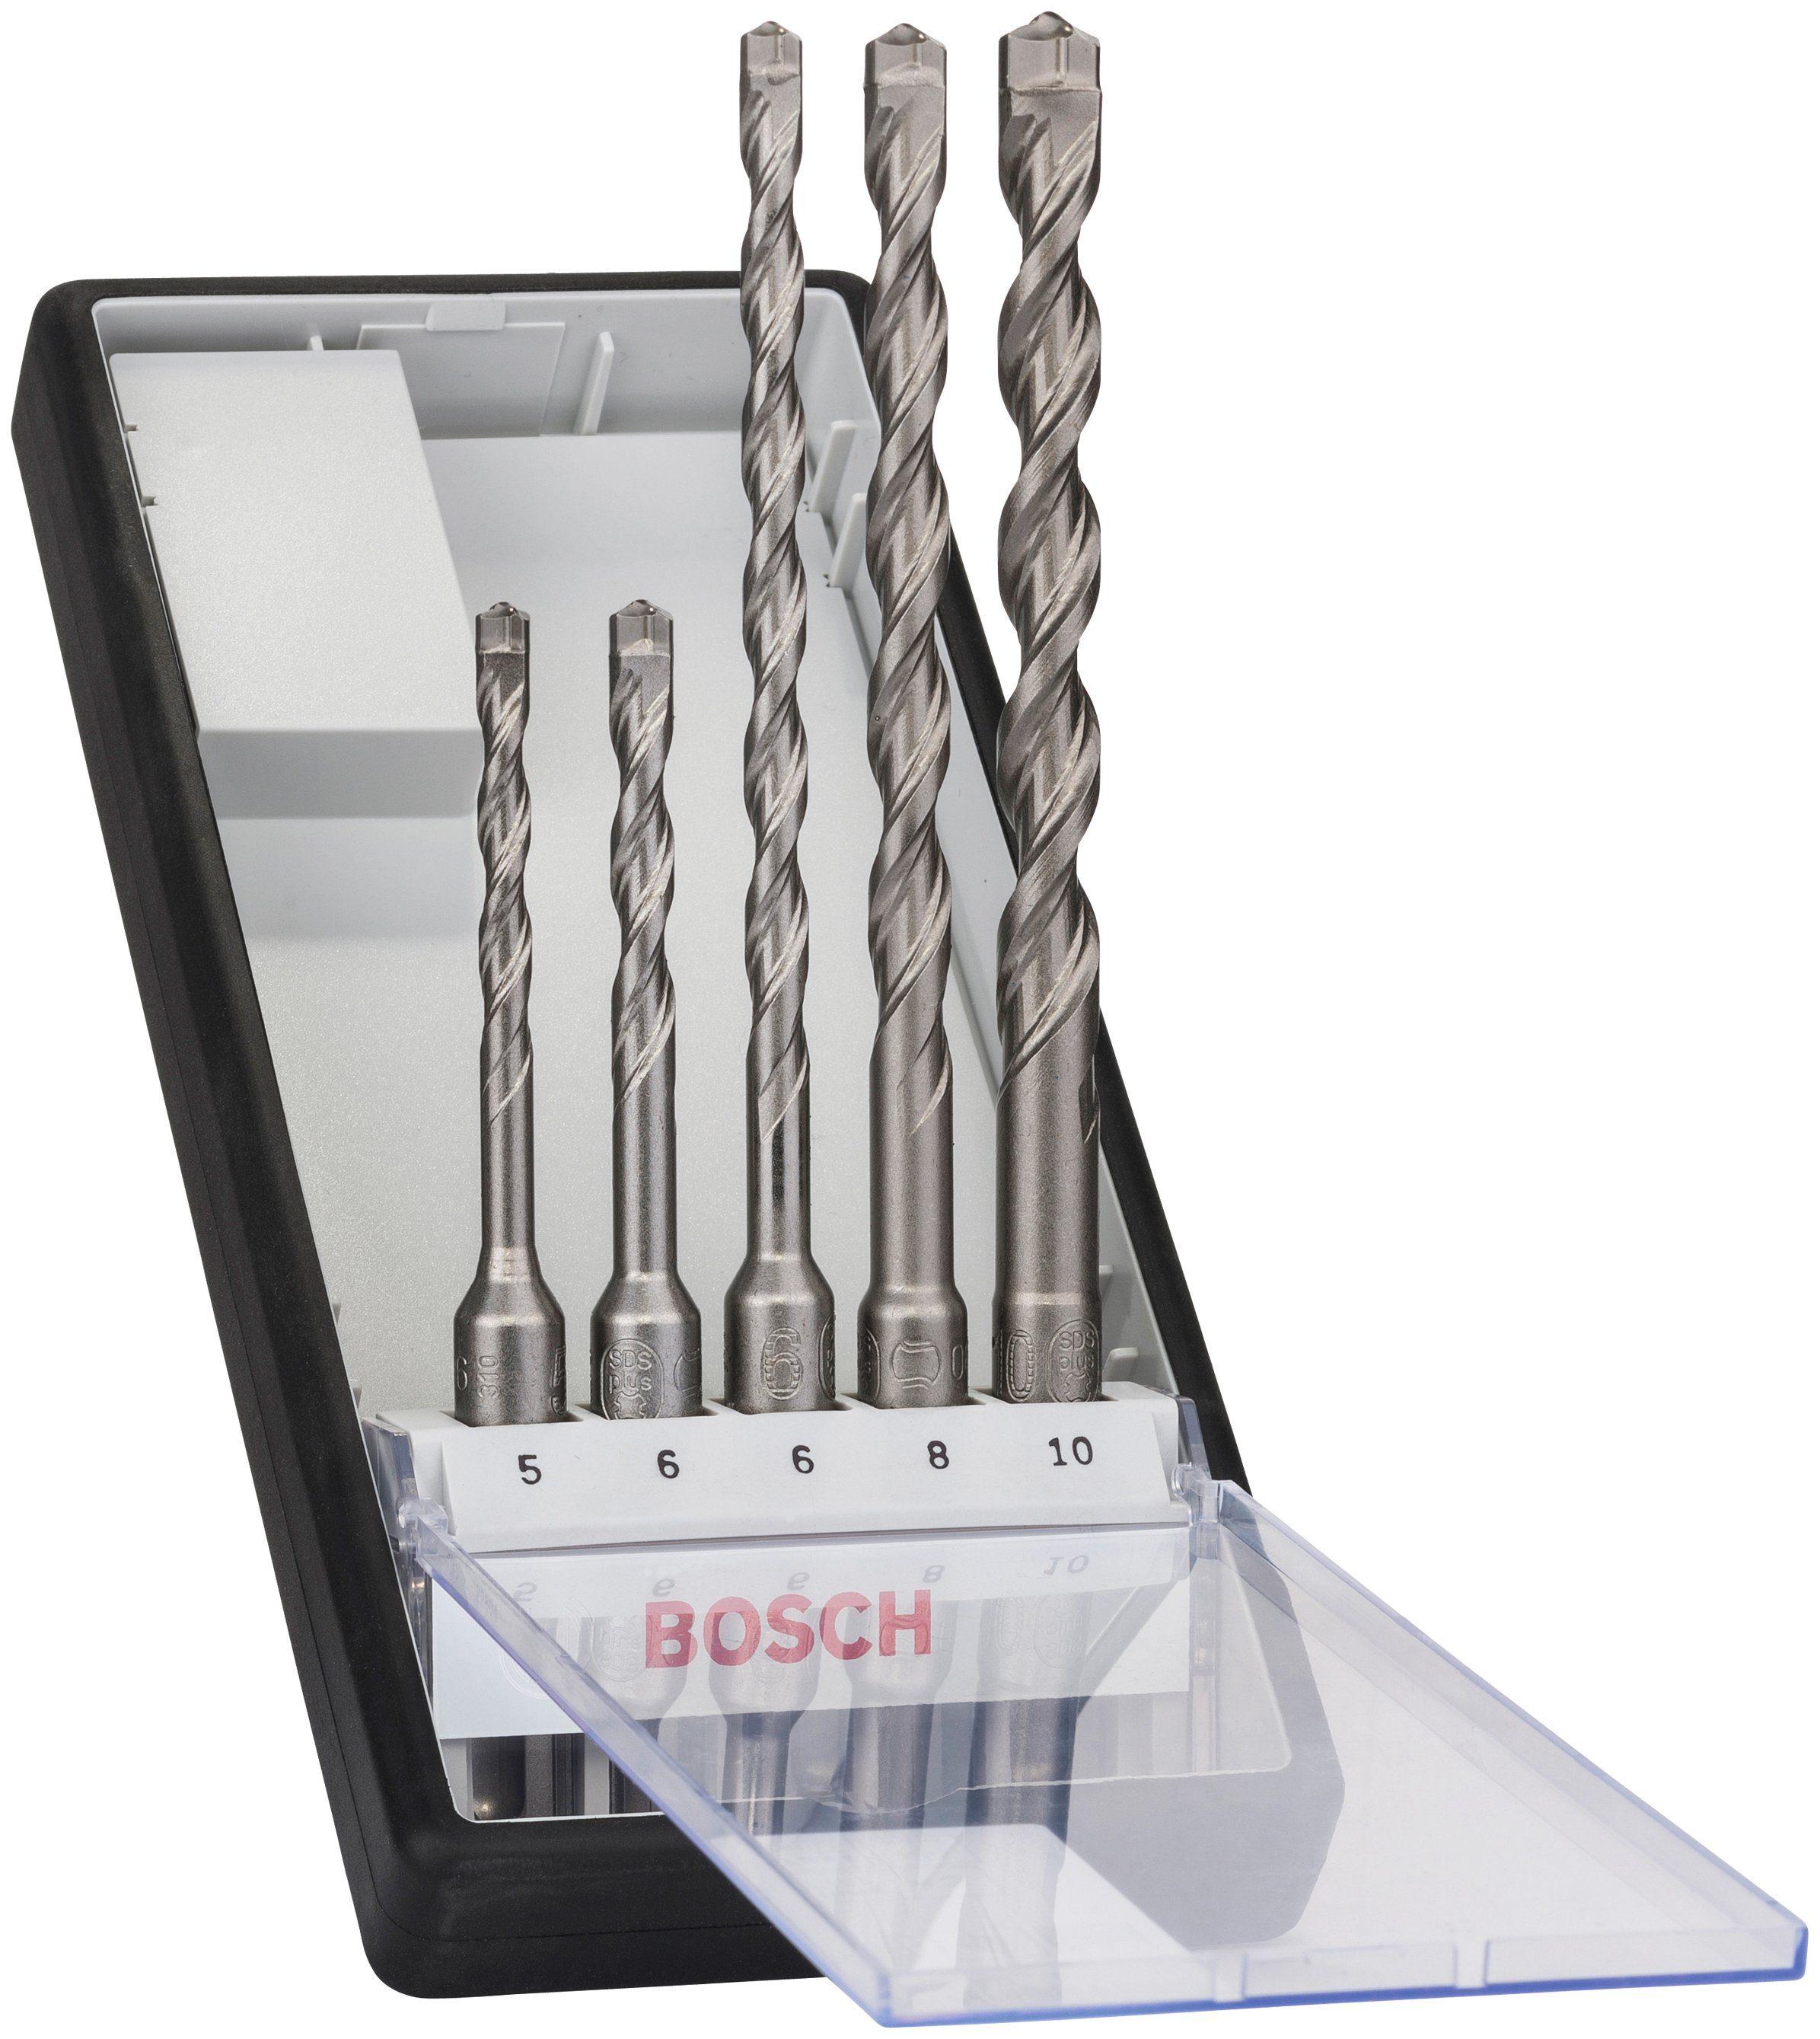 BOSCH Bohrerset »Robust Line Set«, 5-tlg., SDS-plus-7